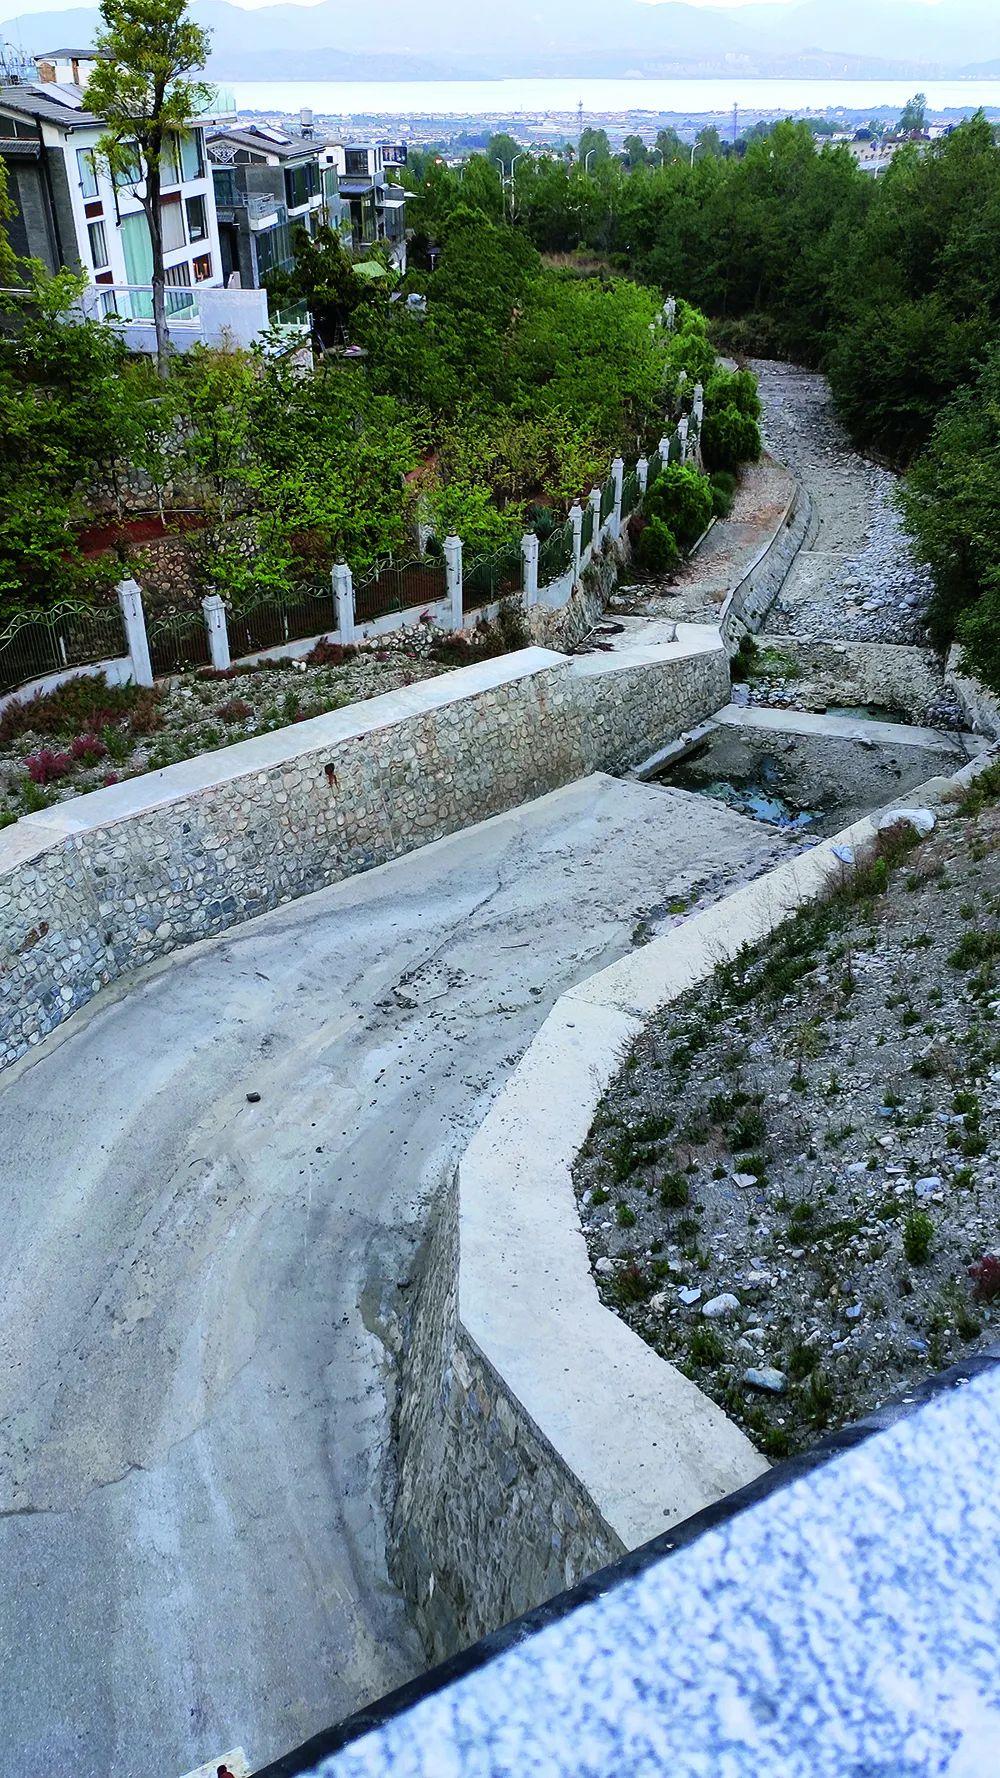 水泥硬化完成后的黑龙溪。图/受访者提供